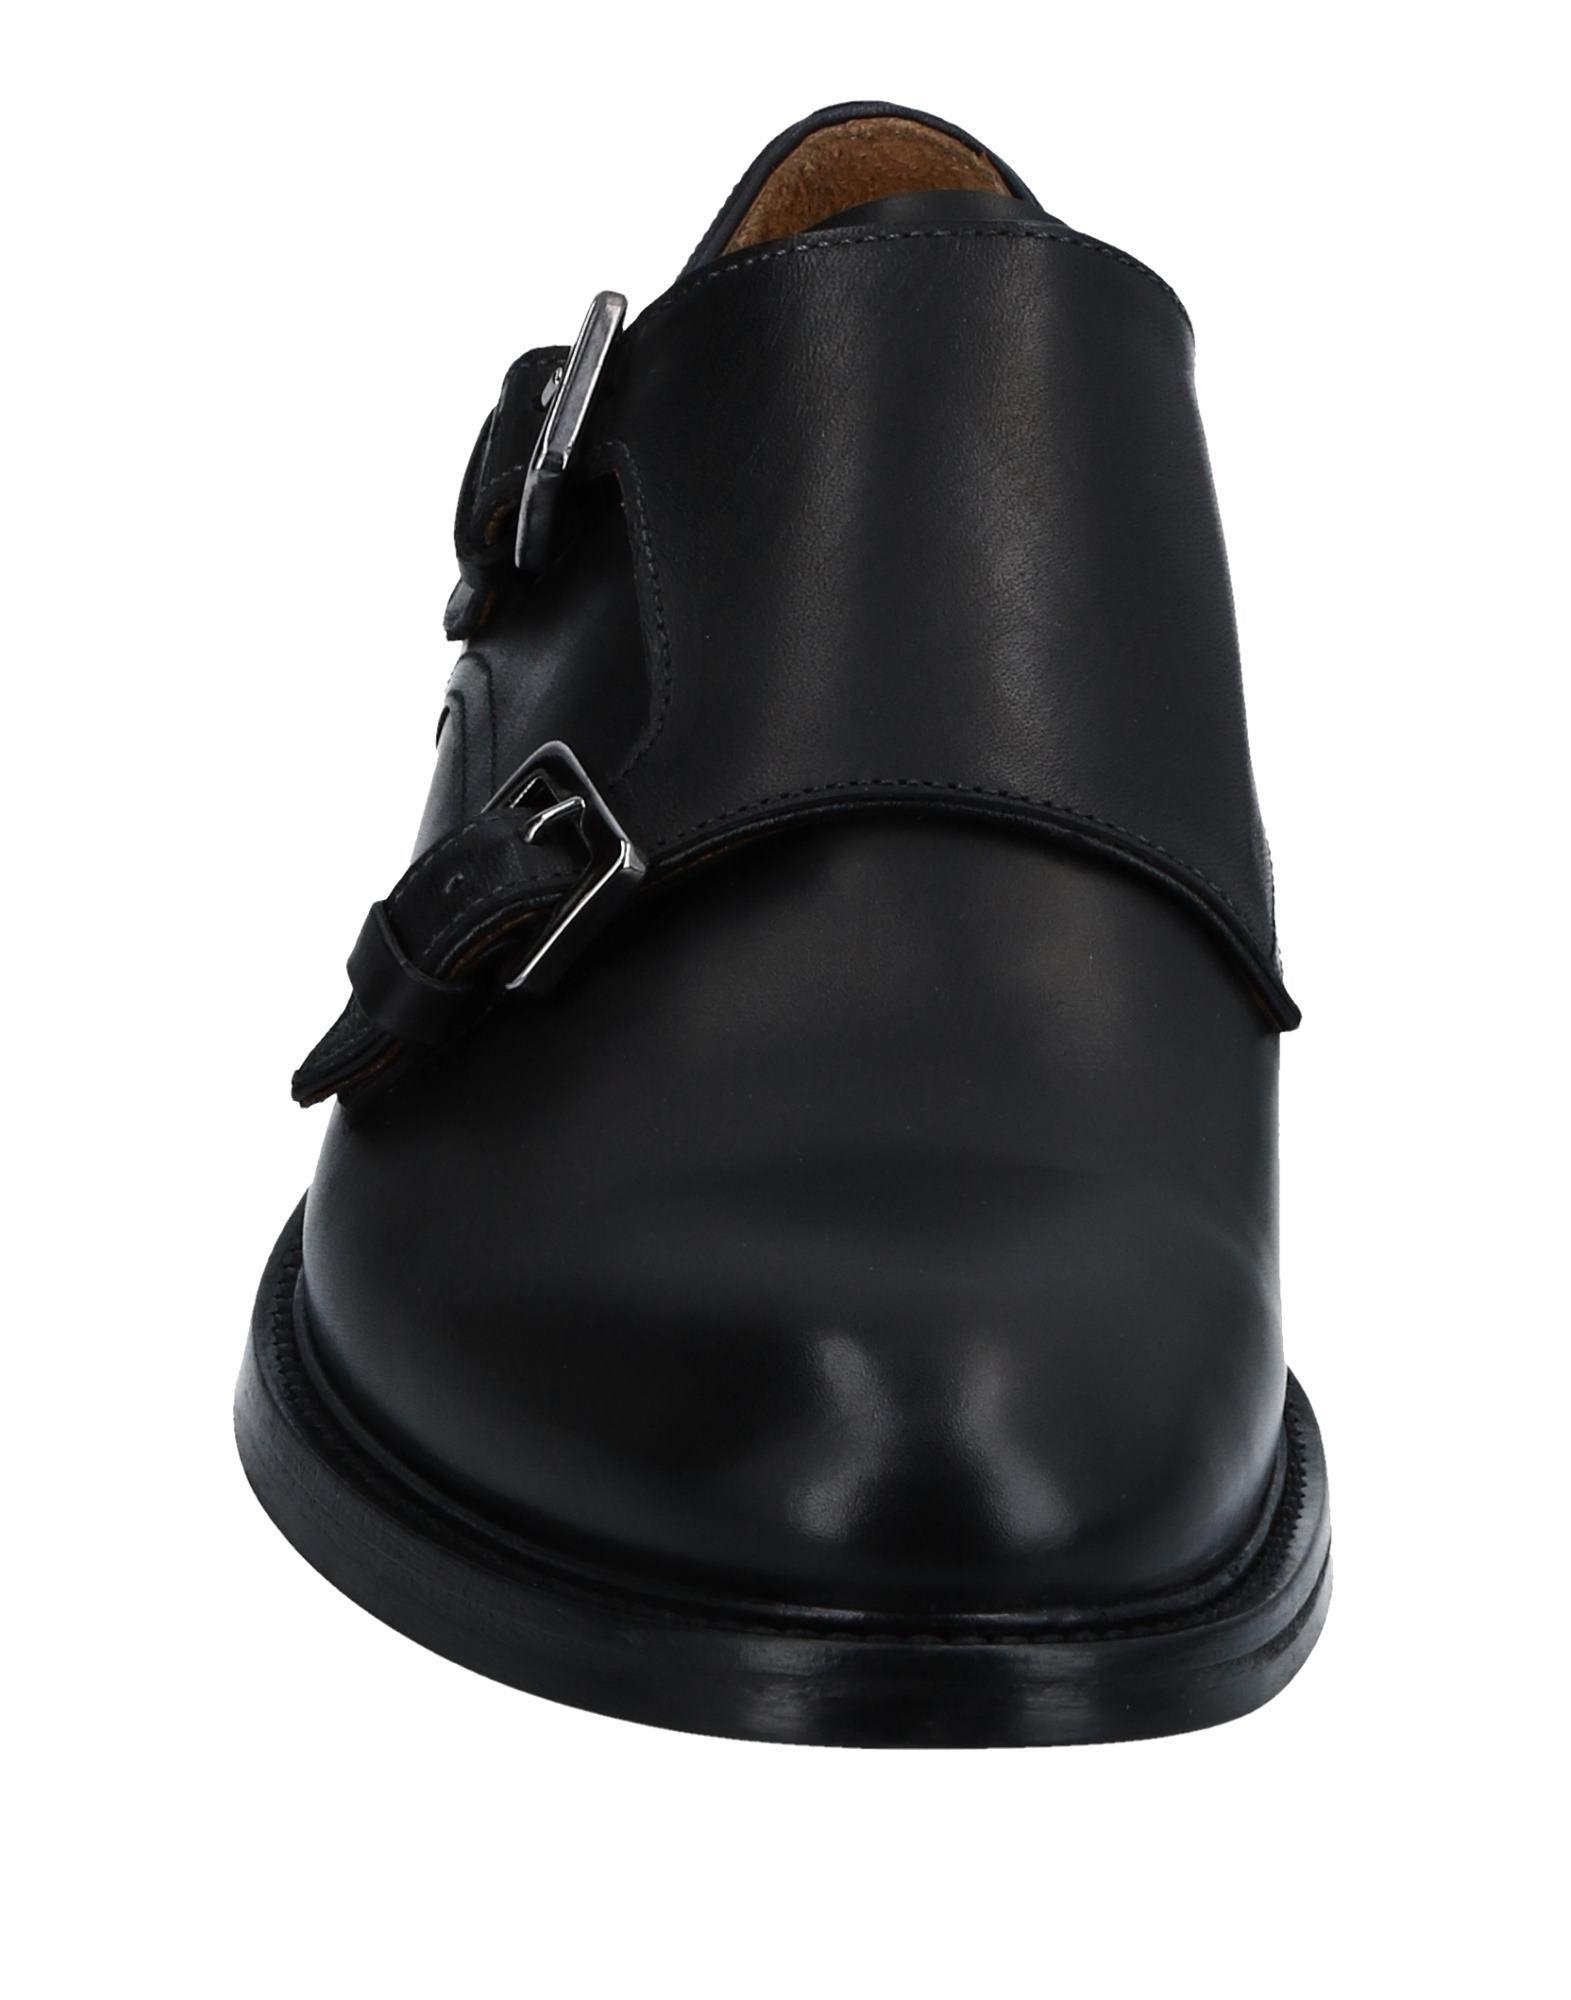 Rabatt echte Schuhe Herren Brecos Mokassins Herren Schuhe  11507766VW 7ab6bc